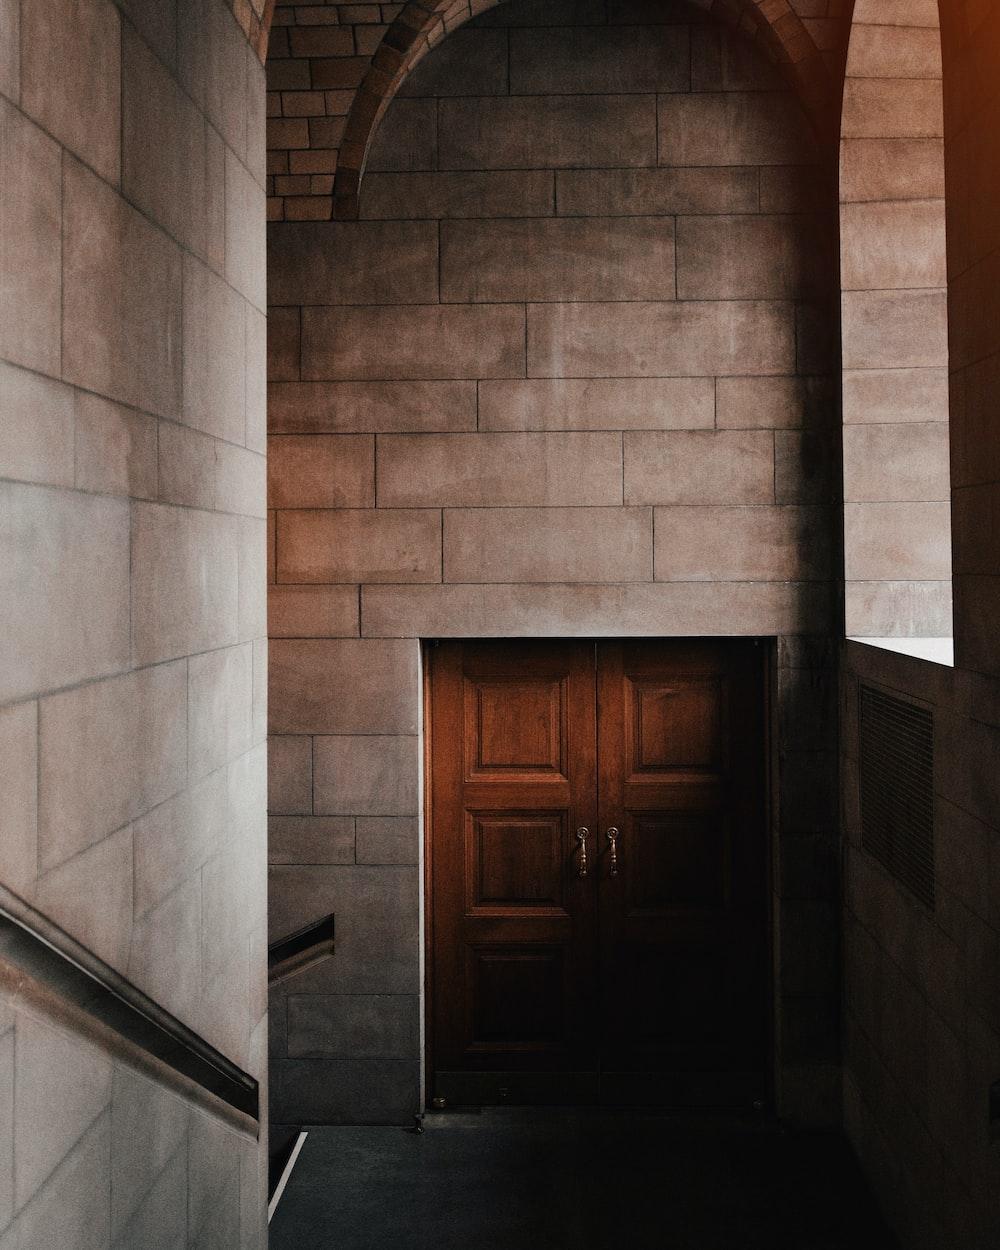 stairs towards brown wooden door